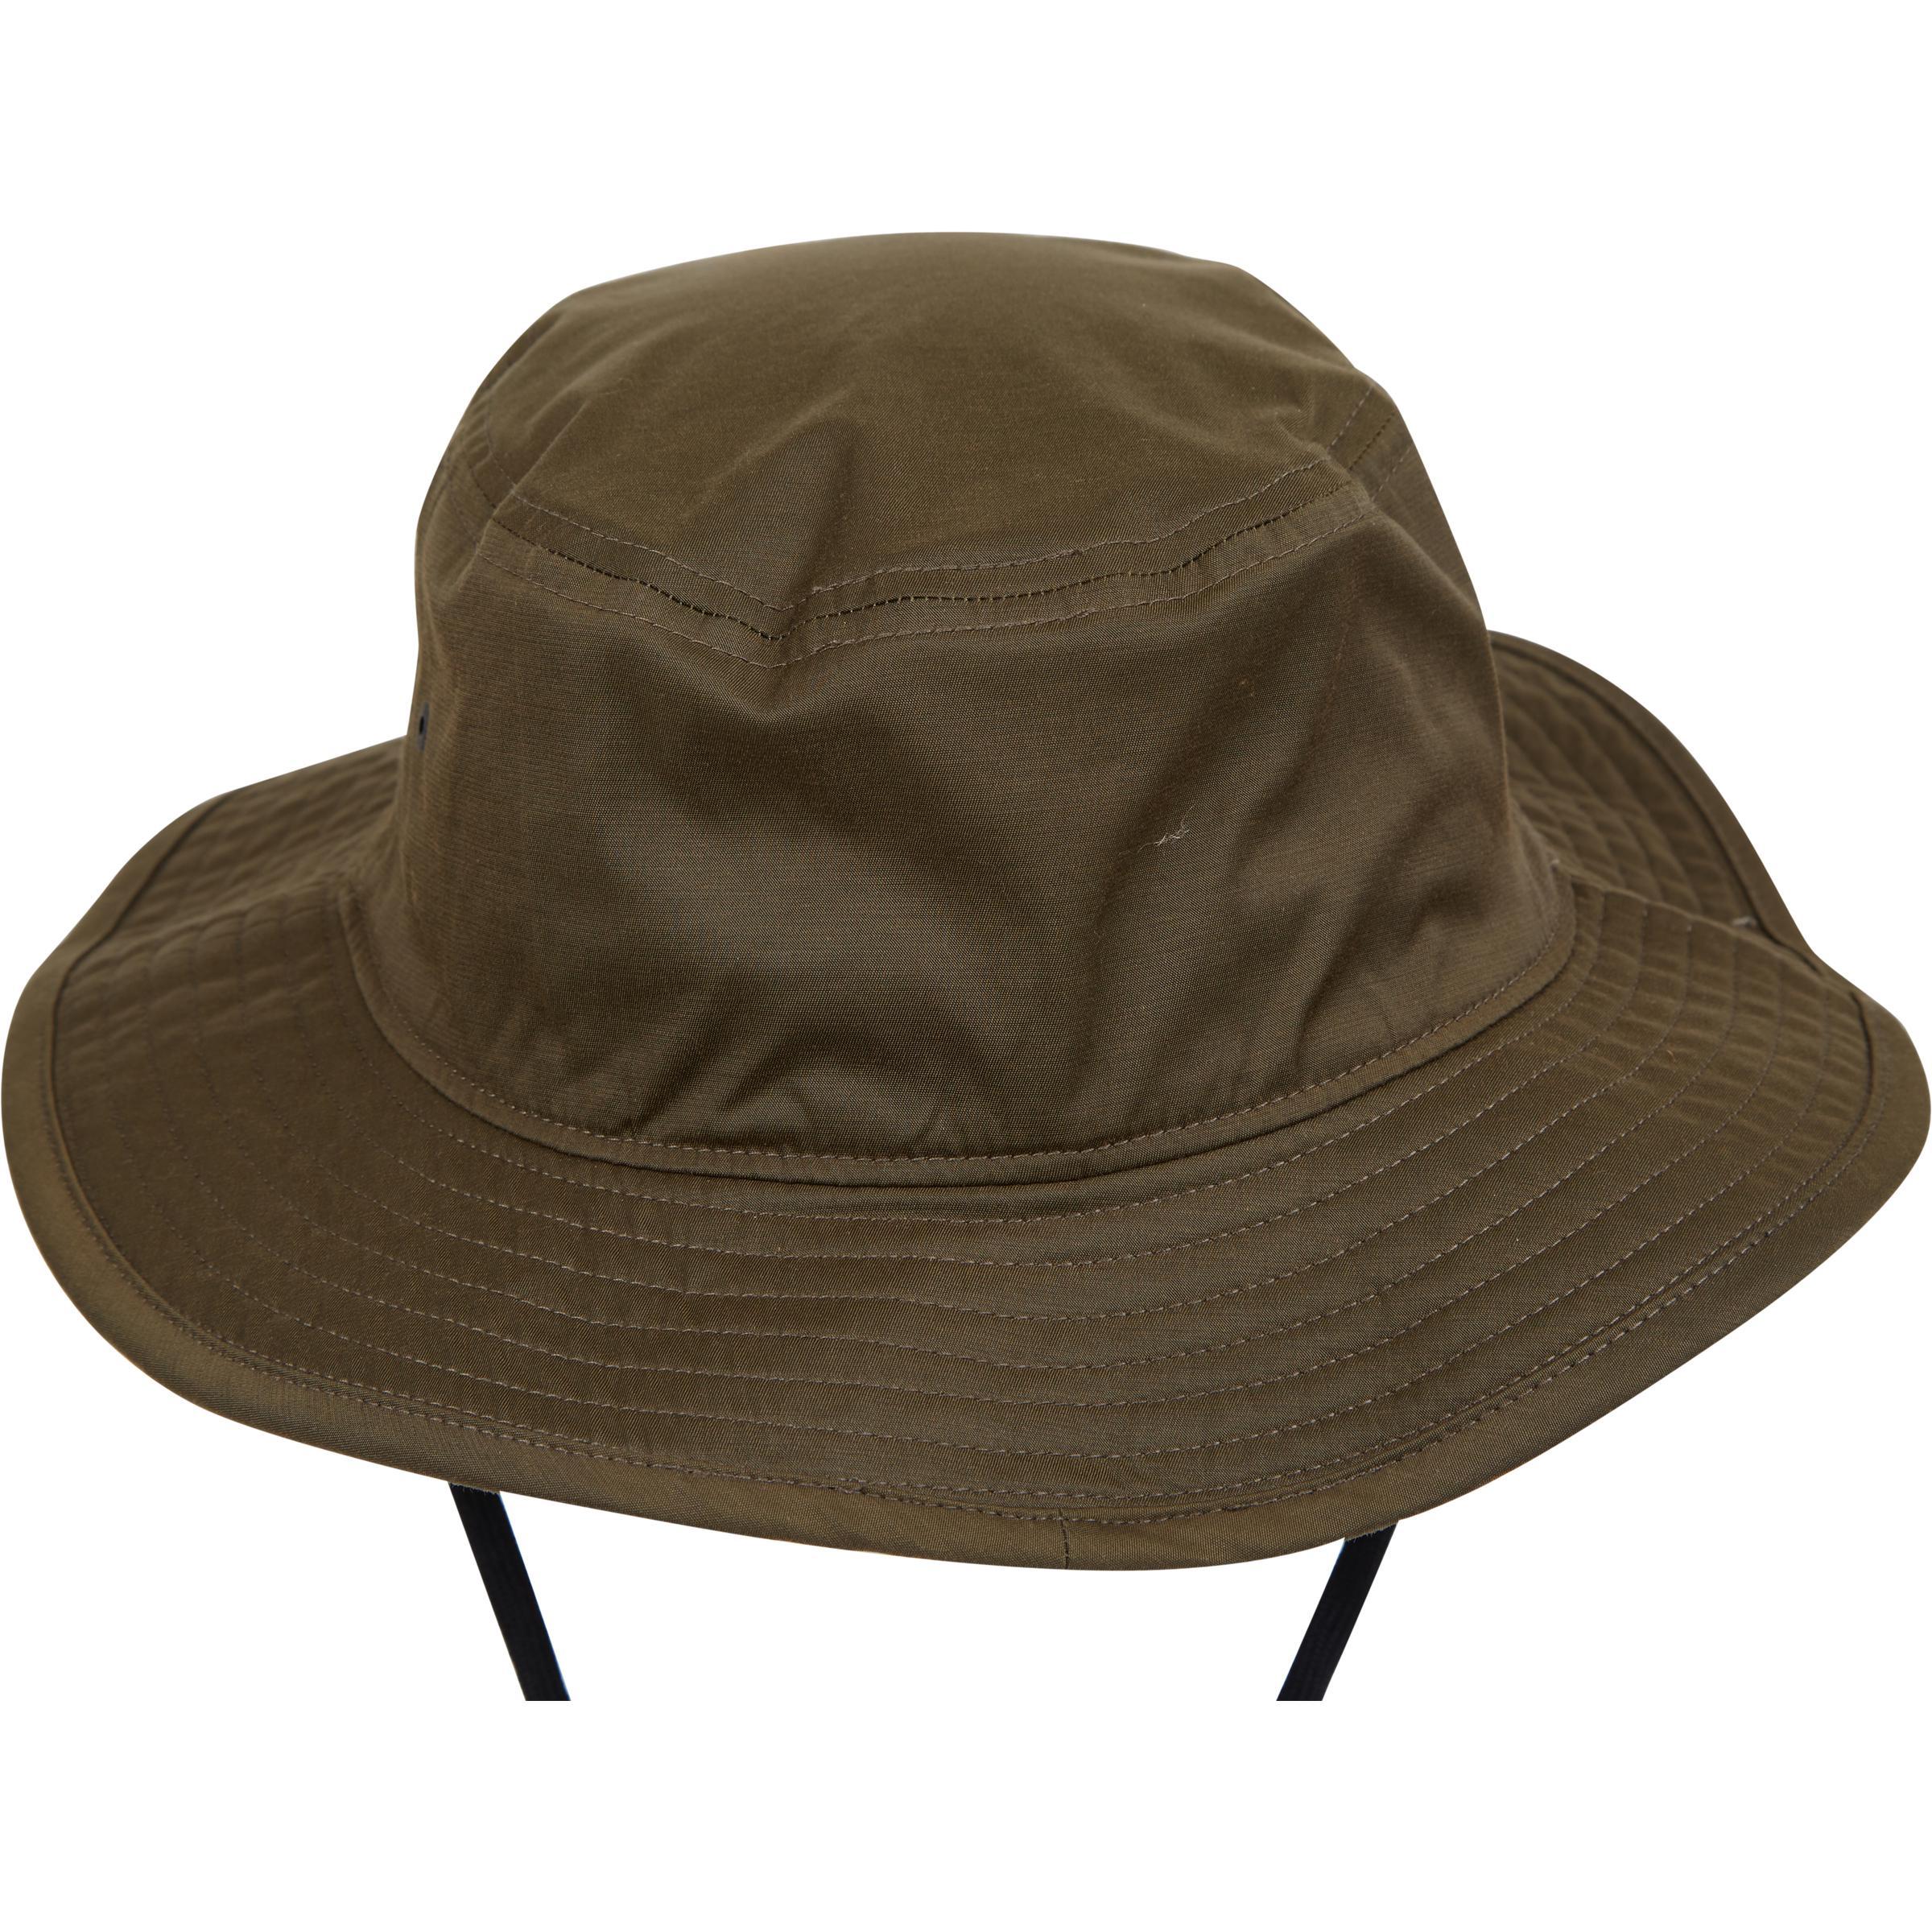 Lyst - Billabong Surftrek Sun Hat in Green for Men 16aa2330fee1